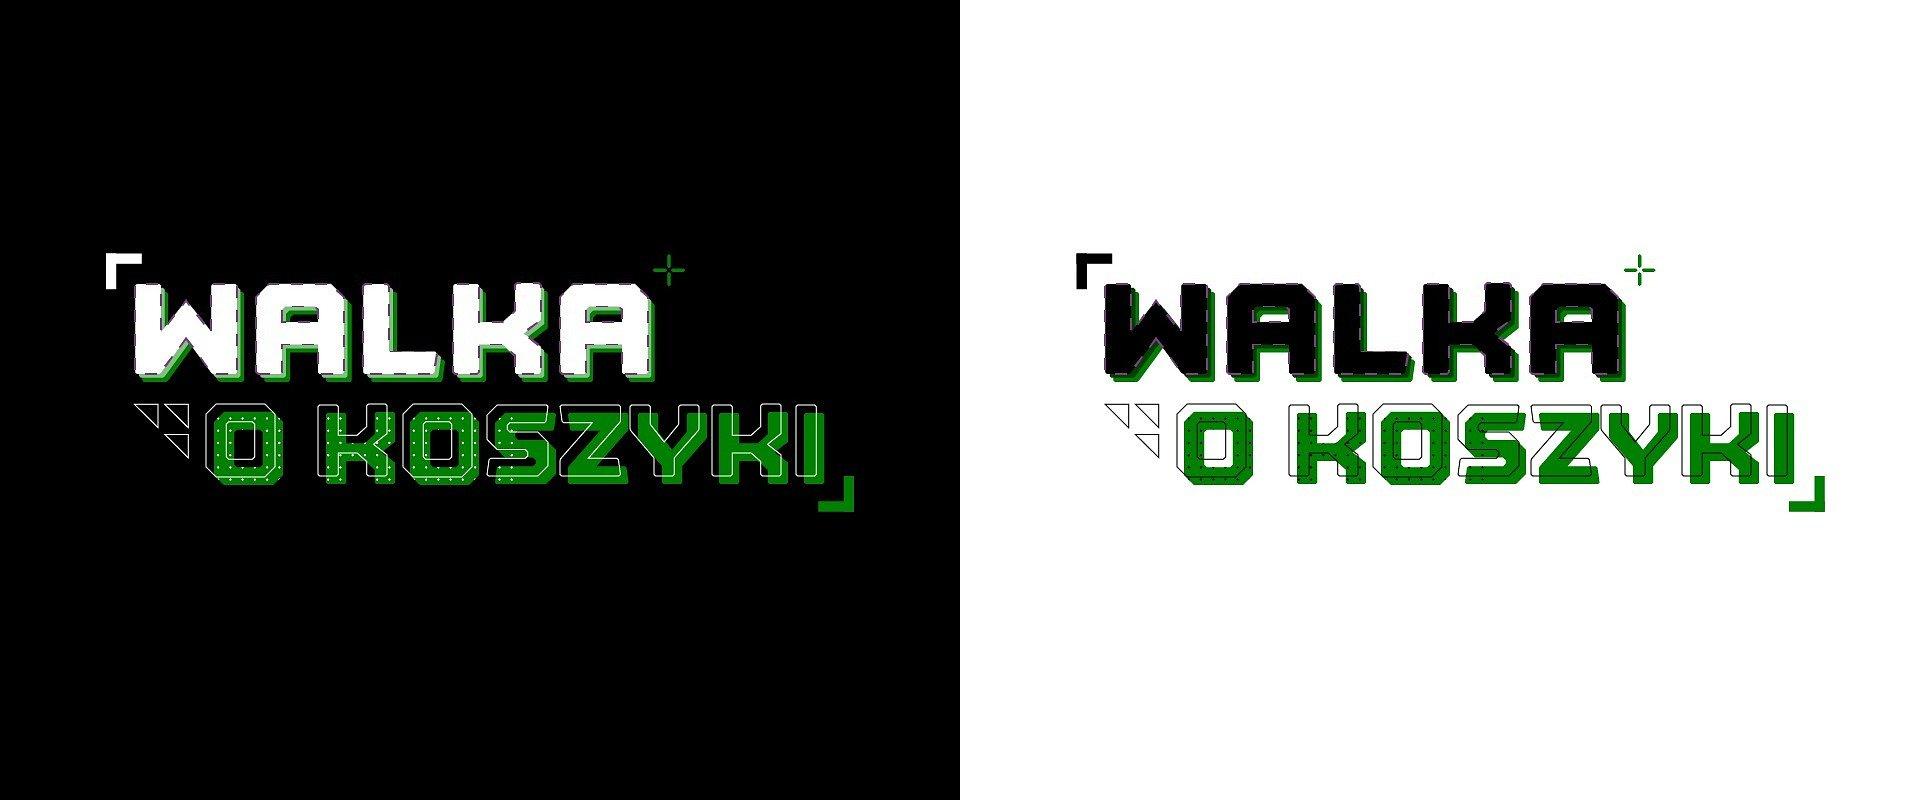 Czas na wirtualną rywalizację w Hali Koszyki. Ruszyły zapisy do turnieju Walka o Koszyki!